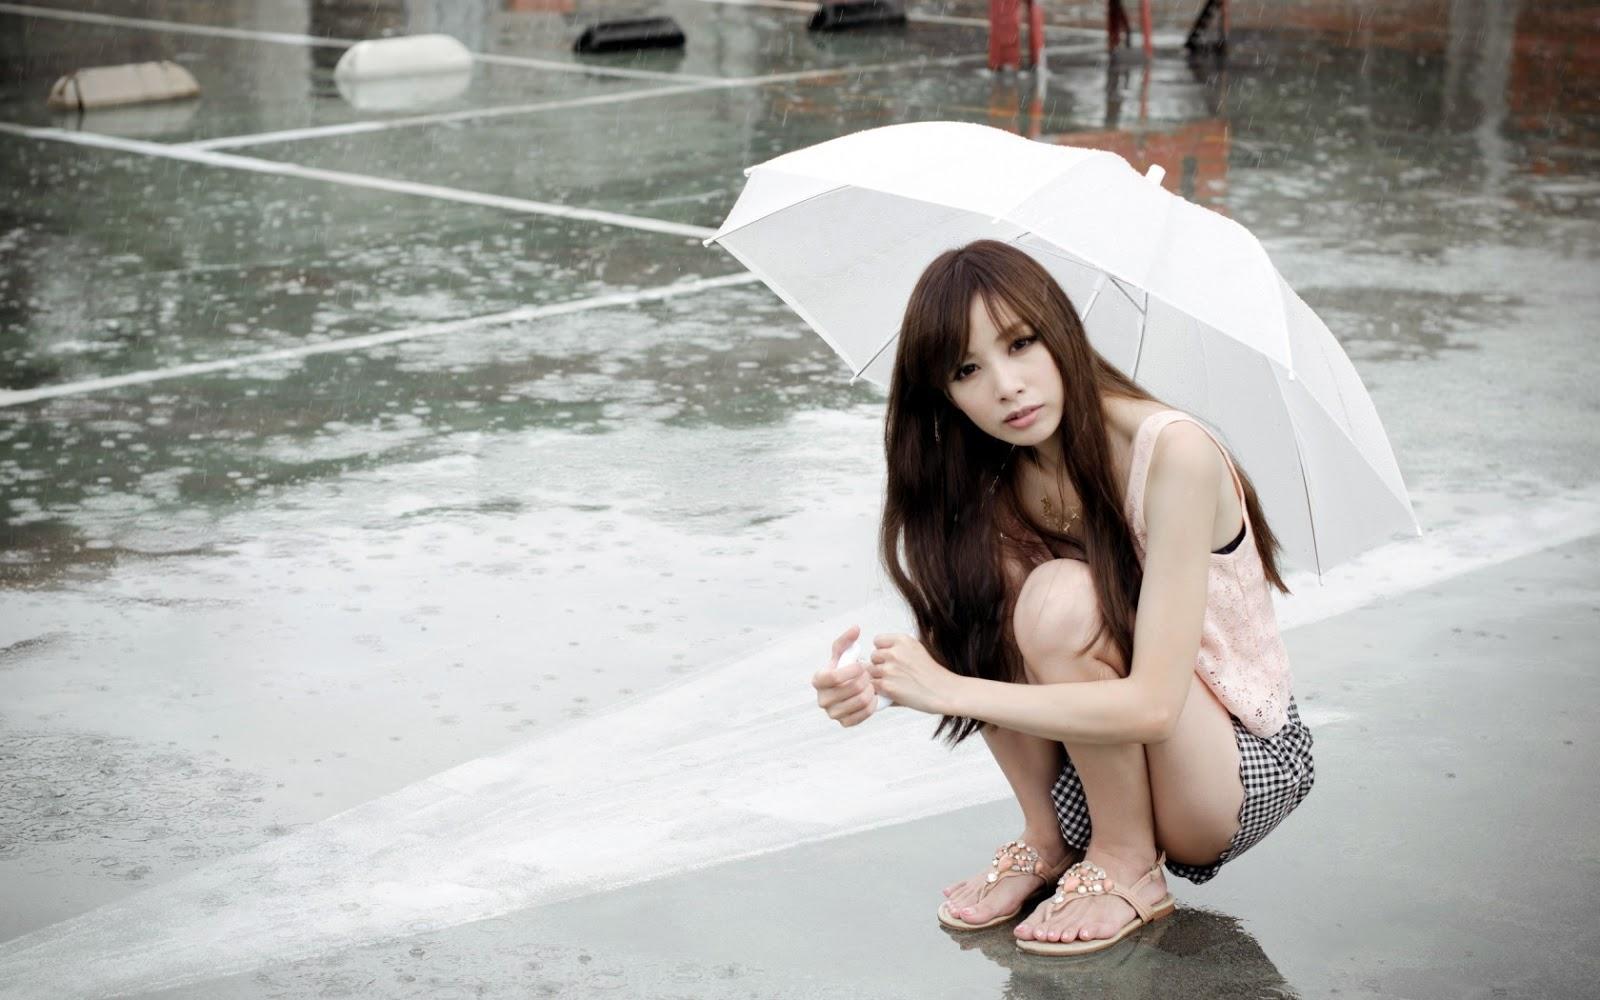 Cute and Beautiul girl in rain wallpapers